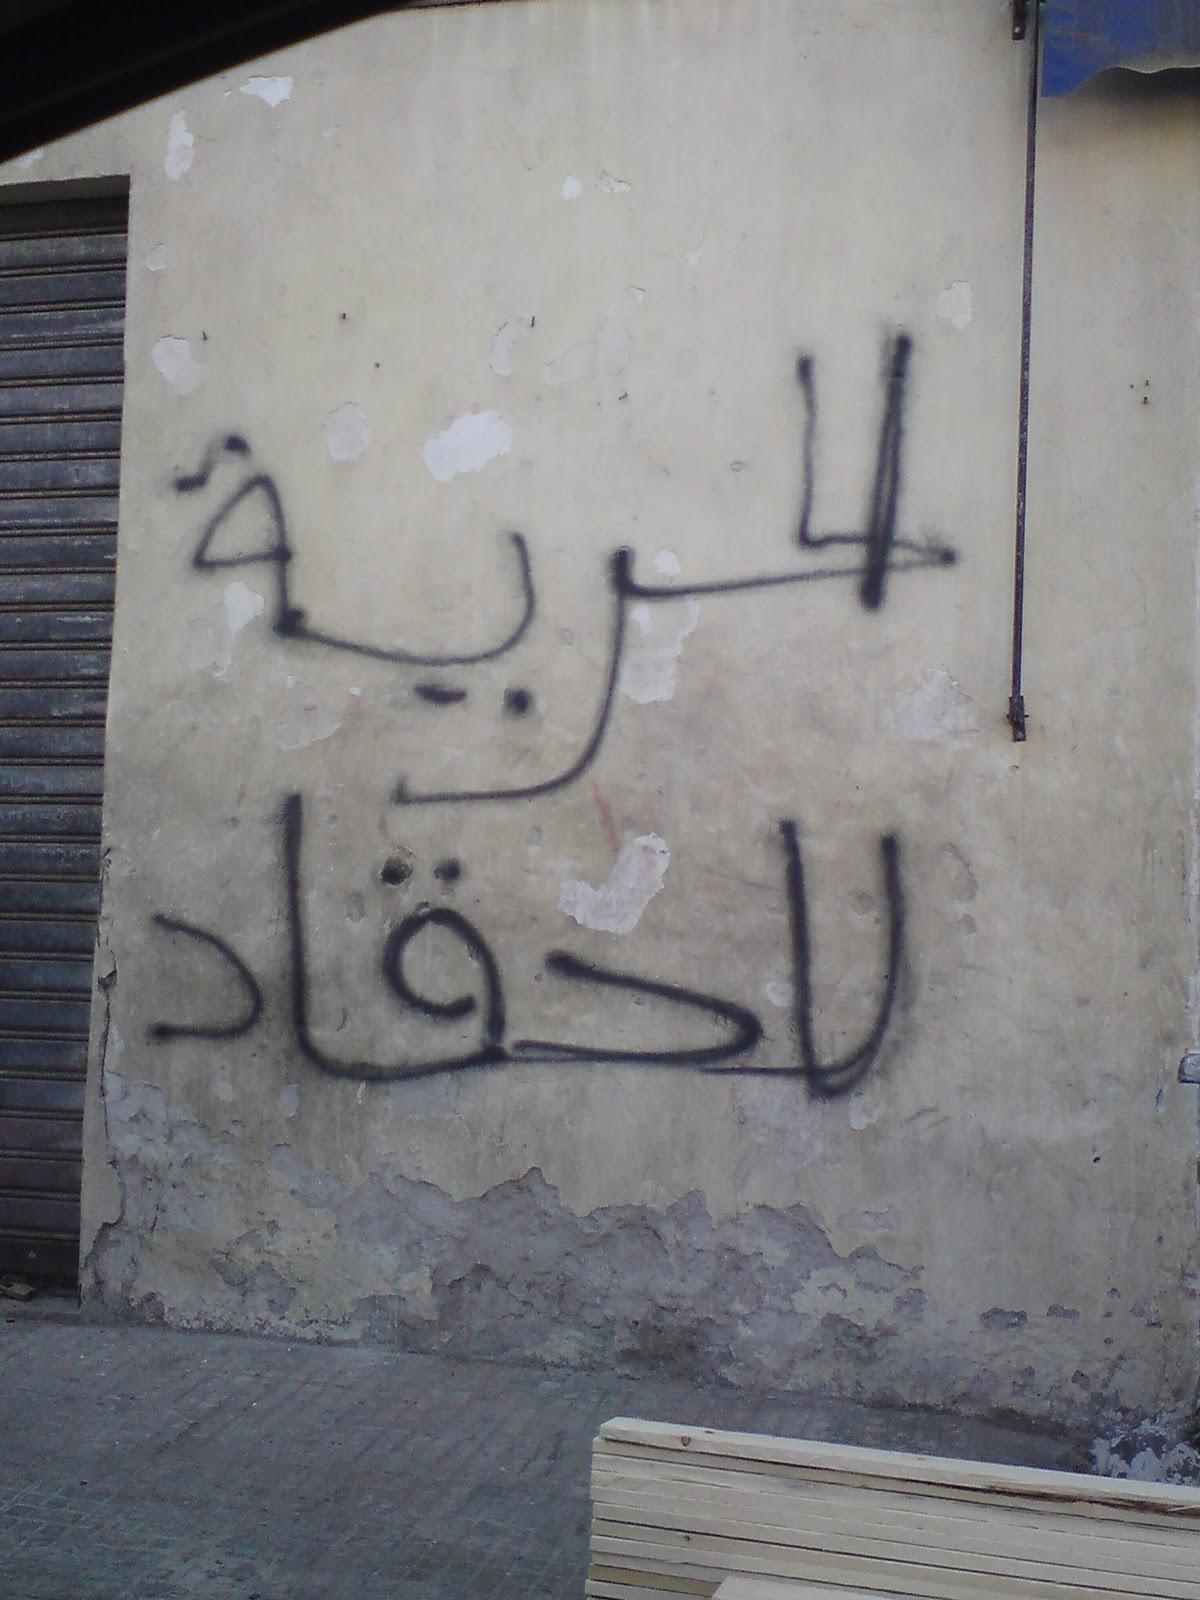 كتابة على الجدران درب التحدي